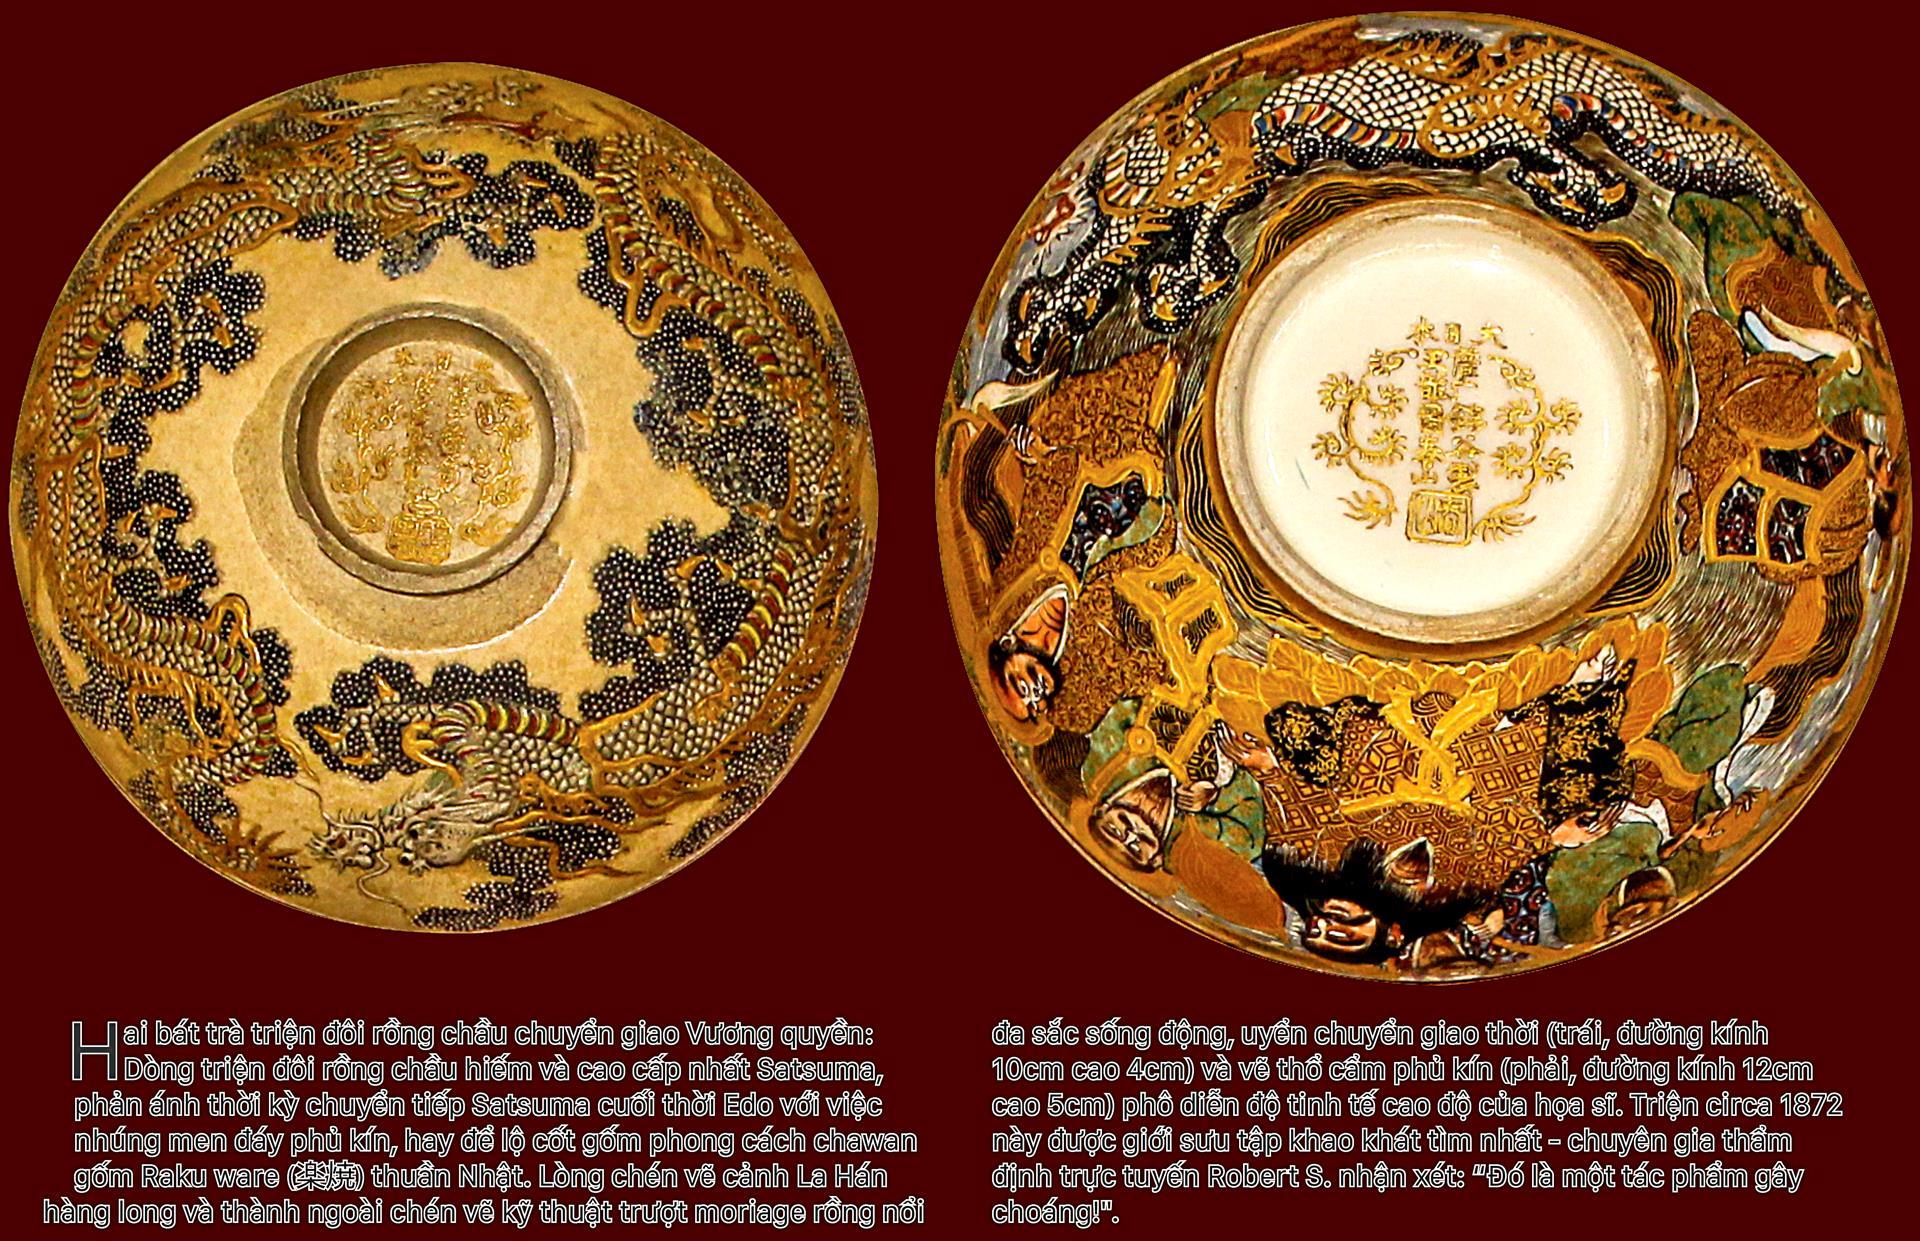 Biểu tượng vương quyền trên những bát trà   ảnh 2